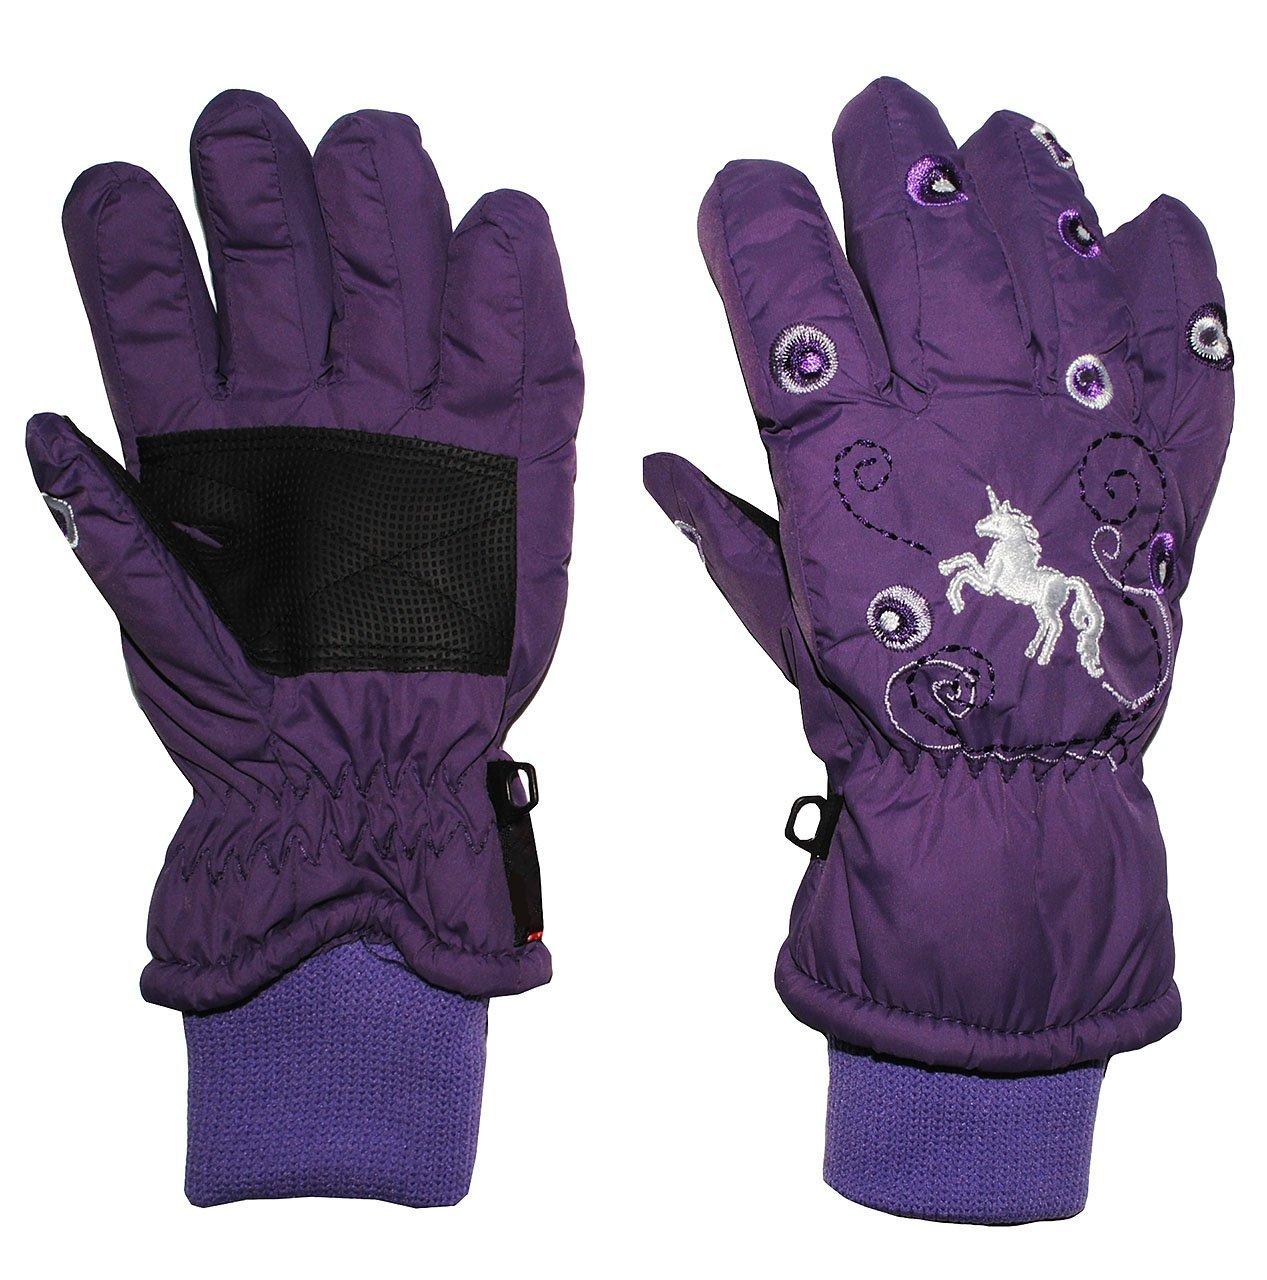 Fingerhandschuhe mit Schaft / Strick Bündchen - Einhorn lila / violett - Thermo gefüttert Thermohandschuh - Größe: 7 bis 8 Jahre - wasserdicht + atmungsaktiv Thinsulate - Fingerhandschuh für Kinder - Mädchen - Thermohandschuhe Handschuhe - Baumwolle Futter